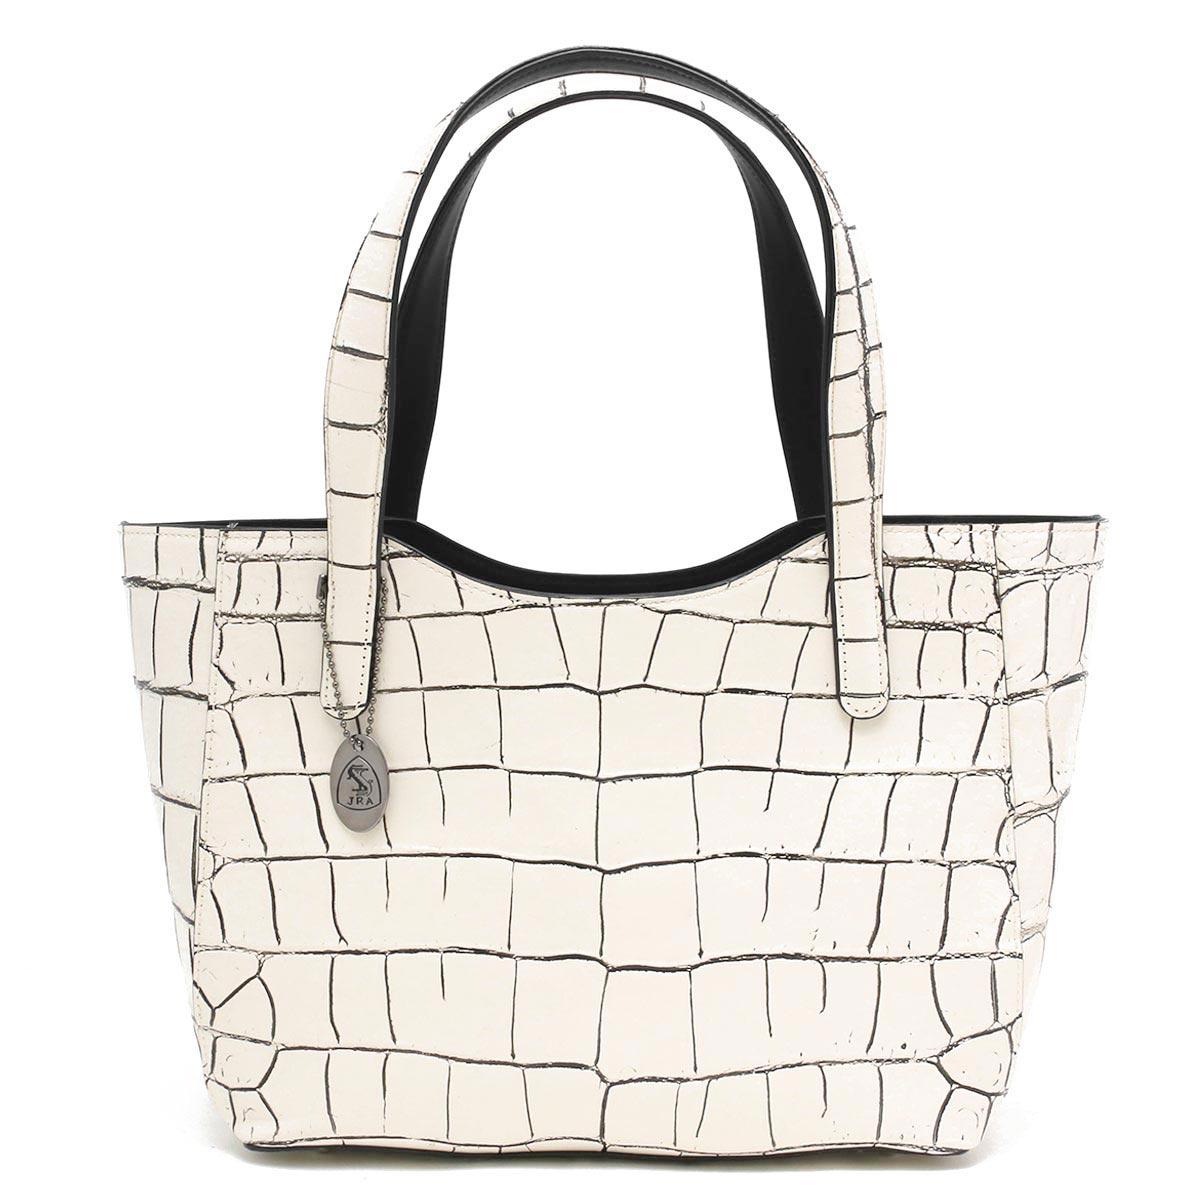 本革 トートバッグ バッグ レディース クロコ バニラホワイト CRB504 VAN Leather